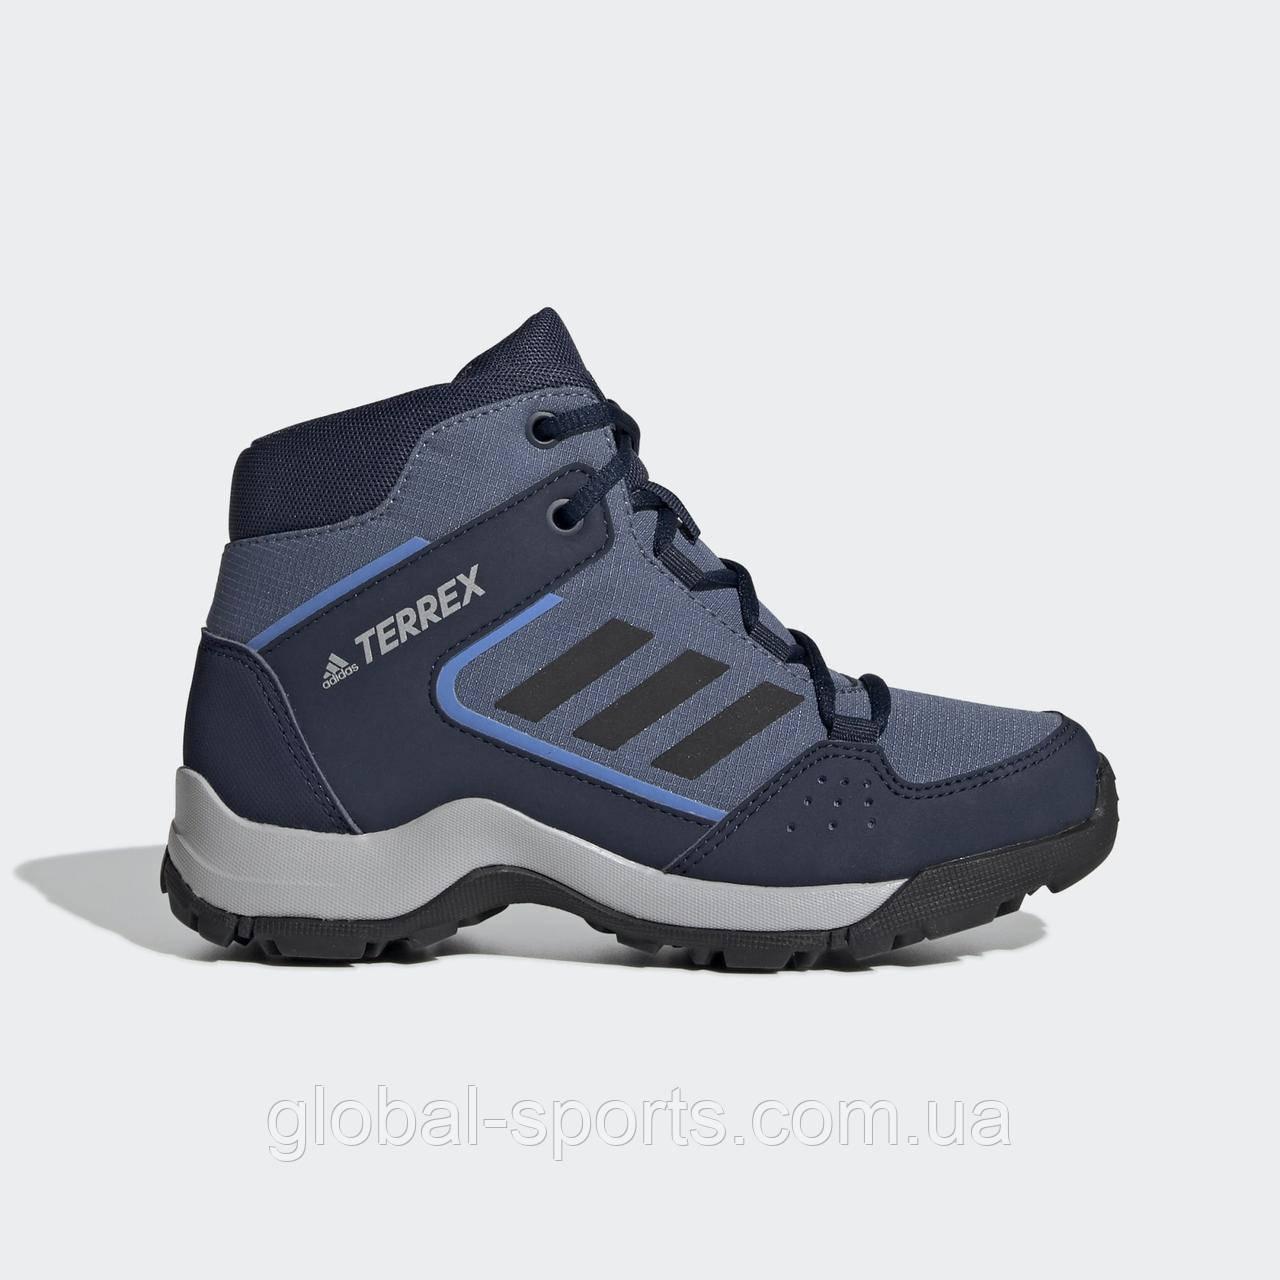 Дитячі черевики Adidas Hyperhiker Kids(Артикул:G26533)